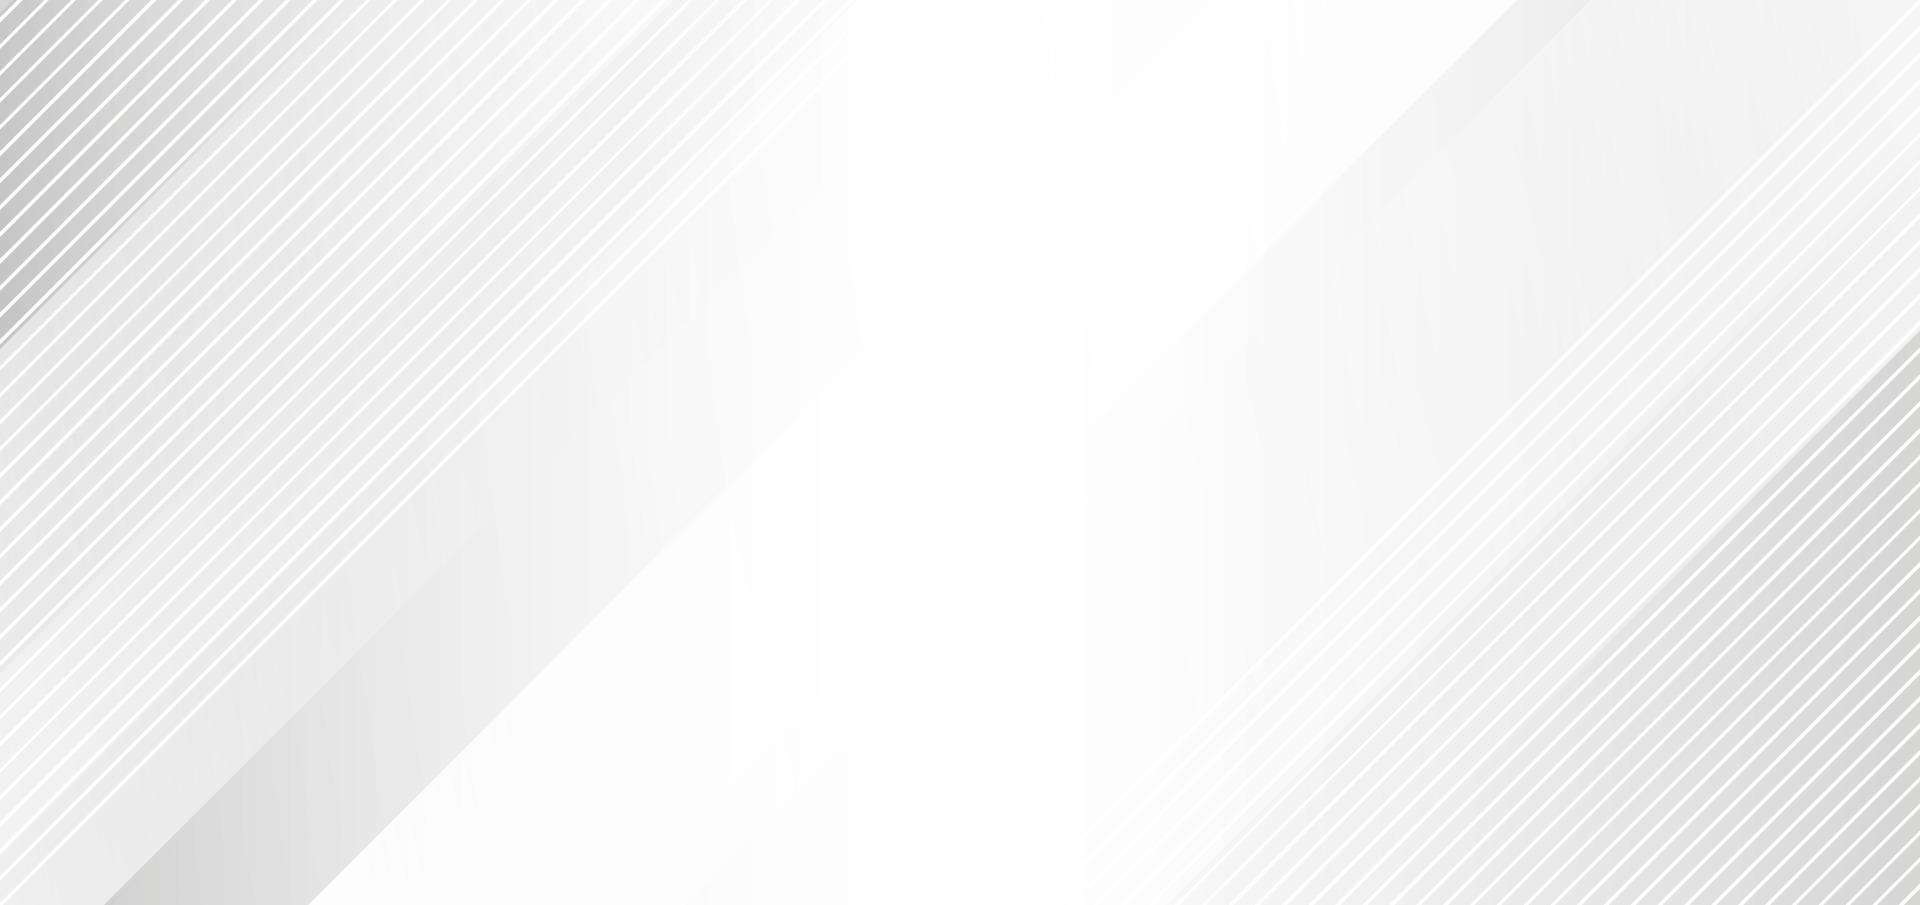 Fondo blanco y gris elegante abstracto con líneas de rayas diagonales. vector